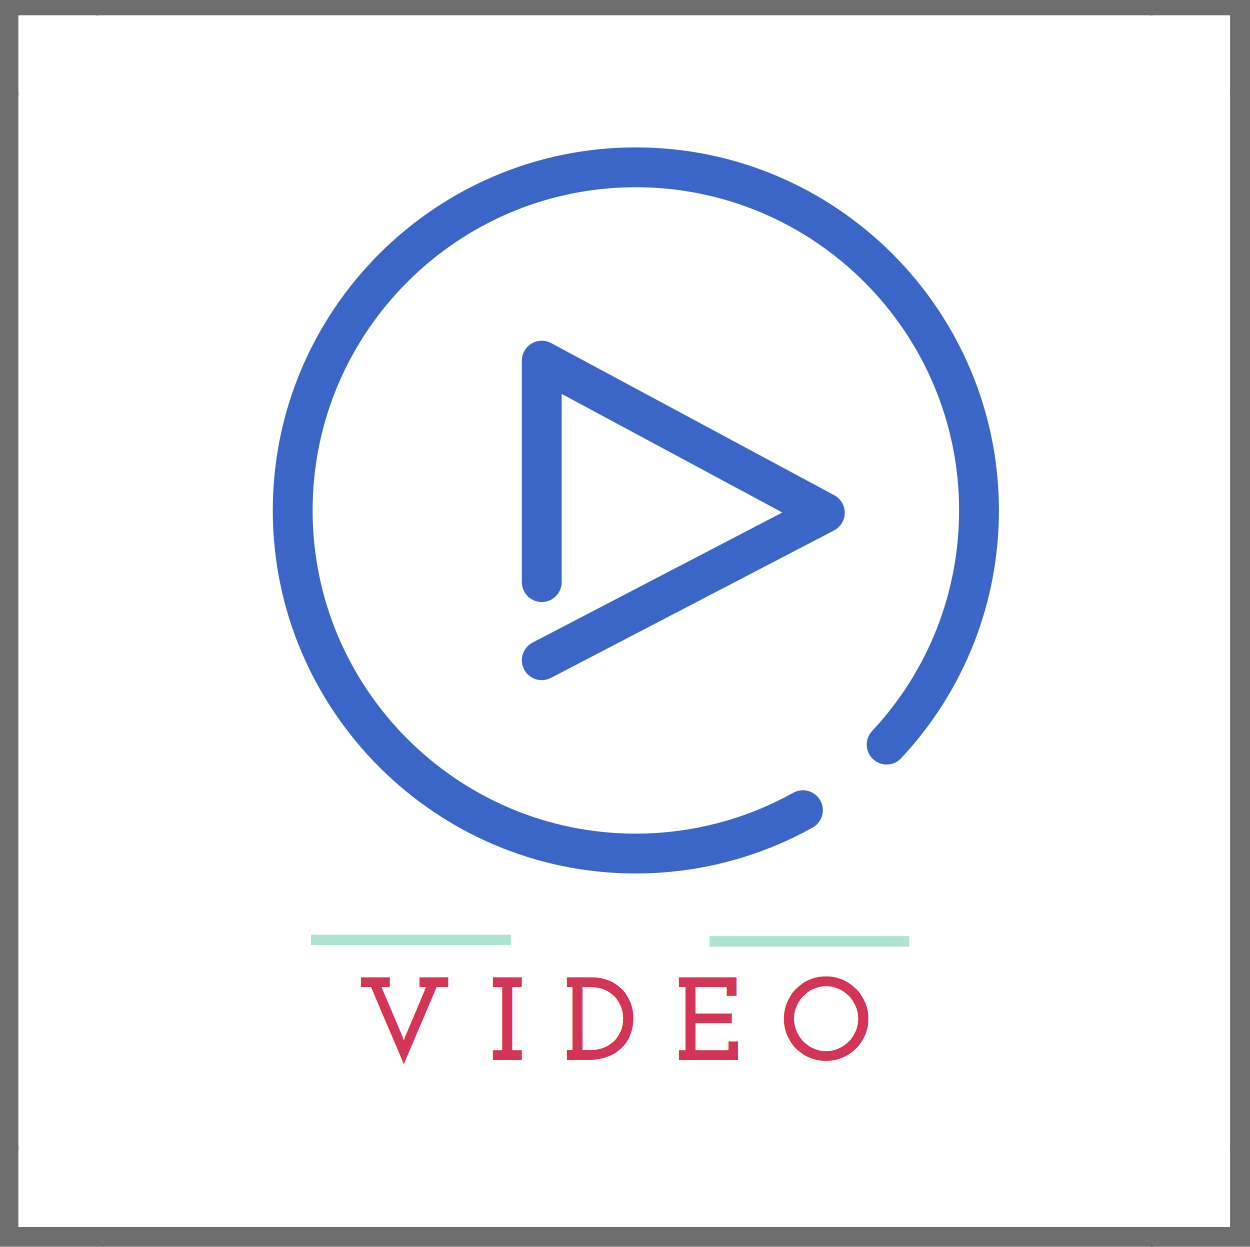 Video Meme  (4-20-16).jpg